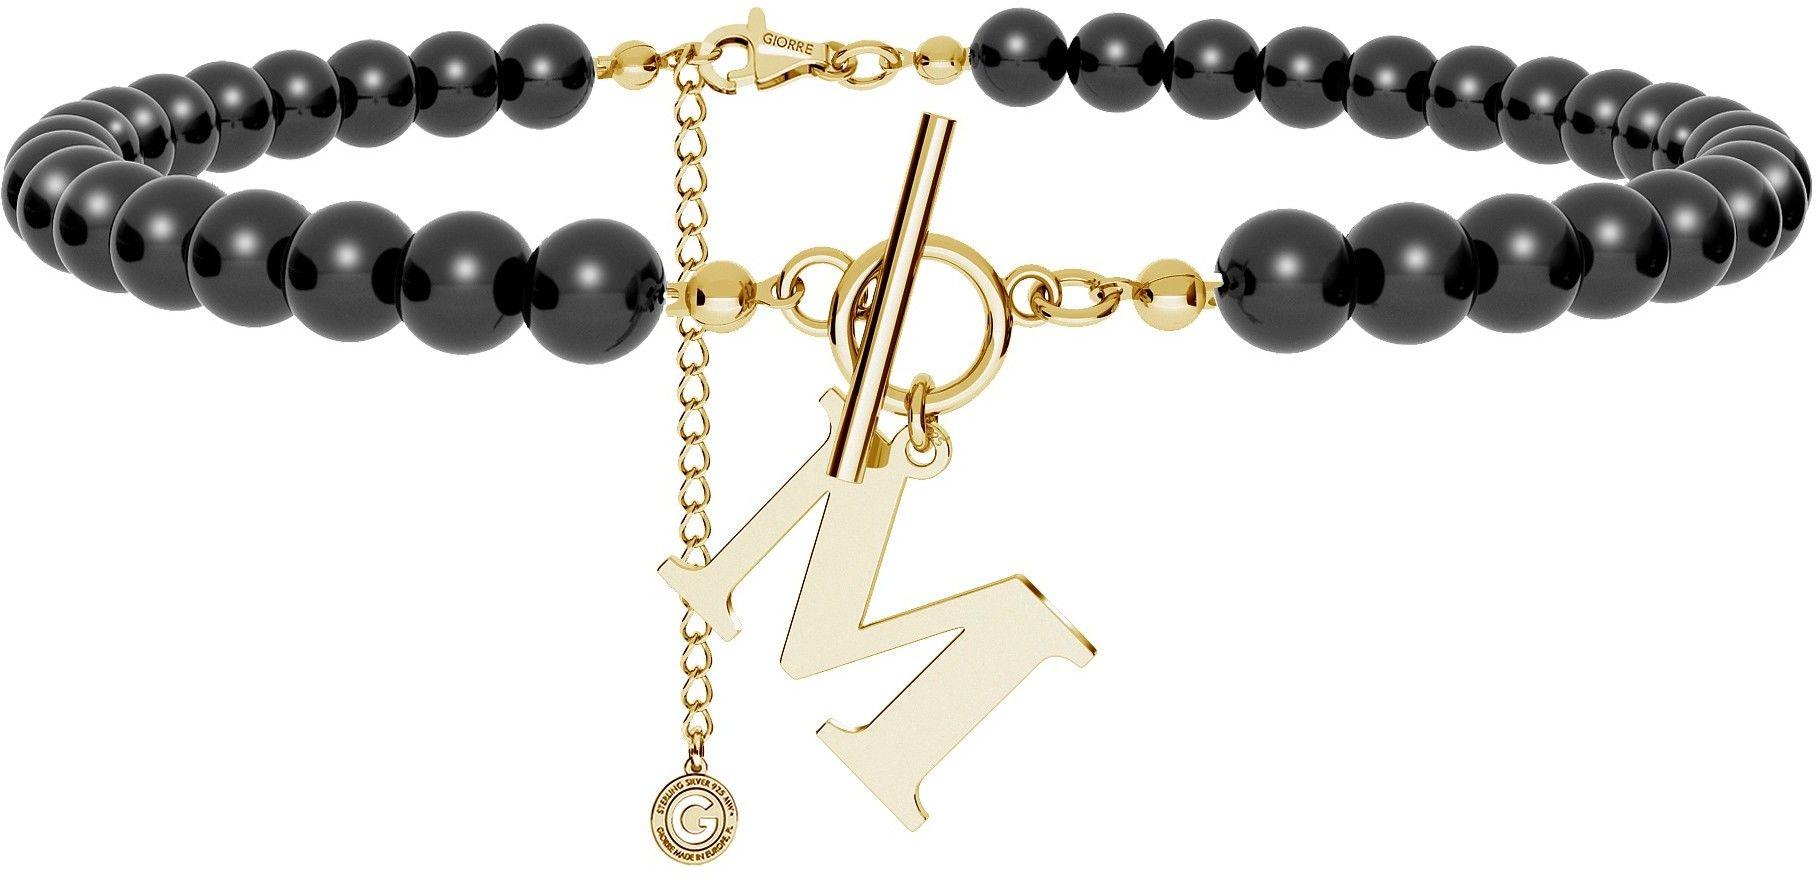 Czarny perłowy choker z dowolną literą, Swarovski, srebro 925 : Litera - T, Srebro - kolor pokrycia - Pokrycie żółtym 18K złotem